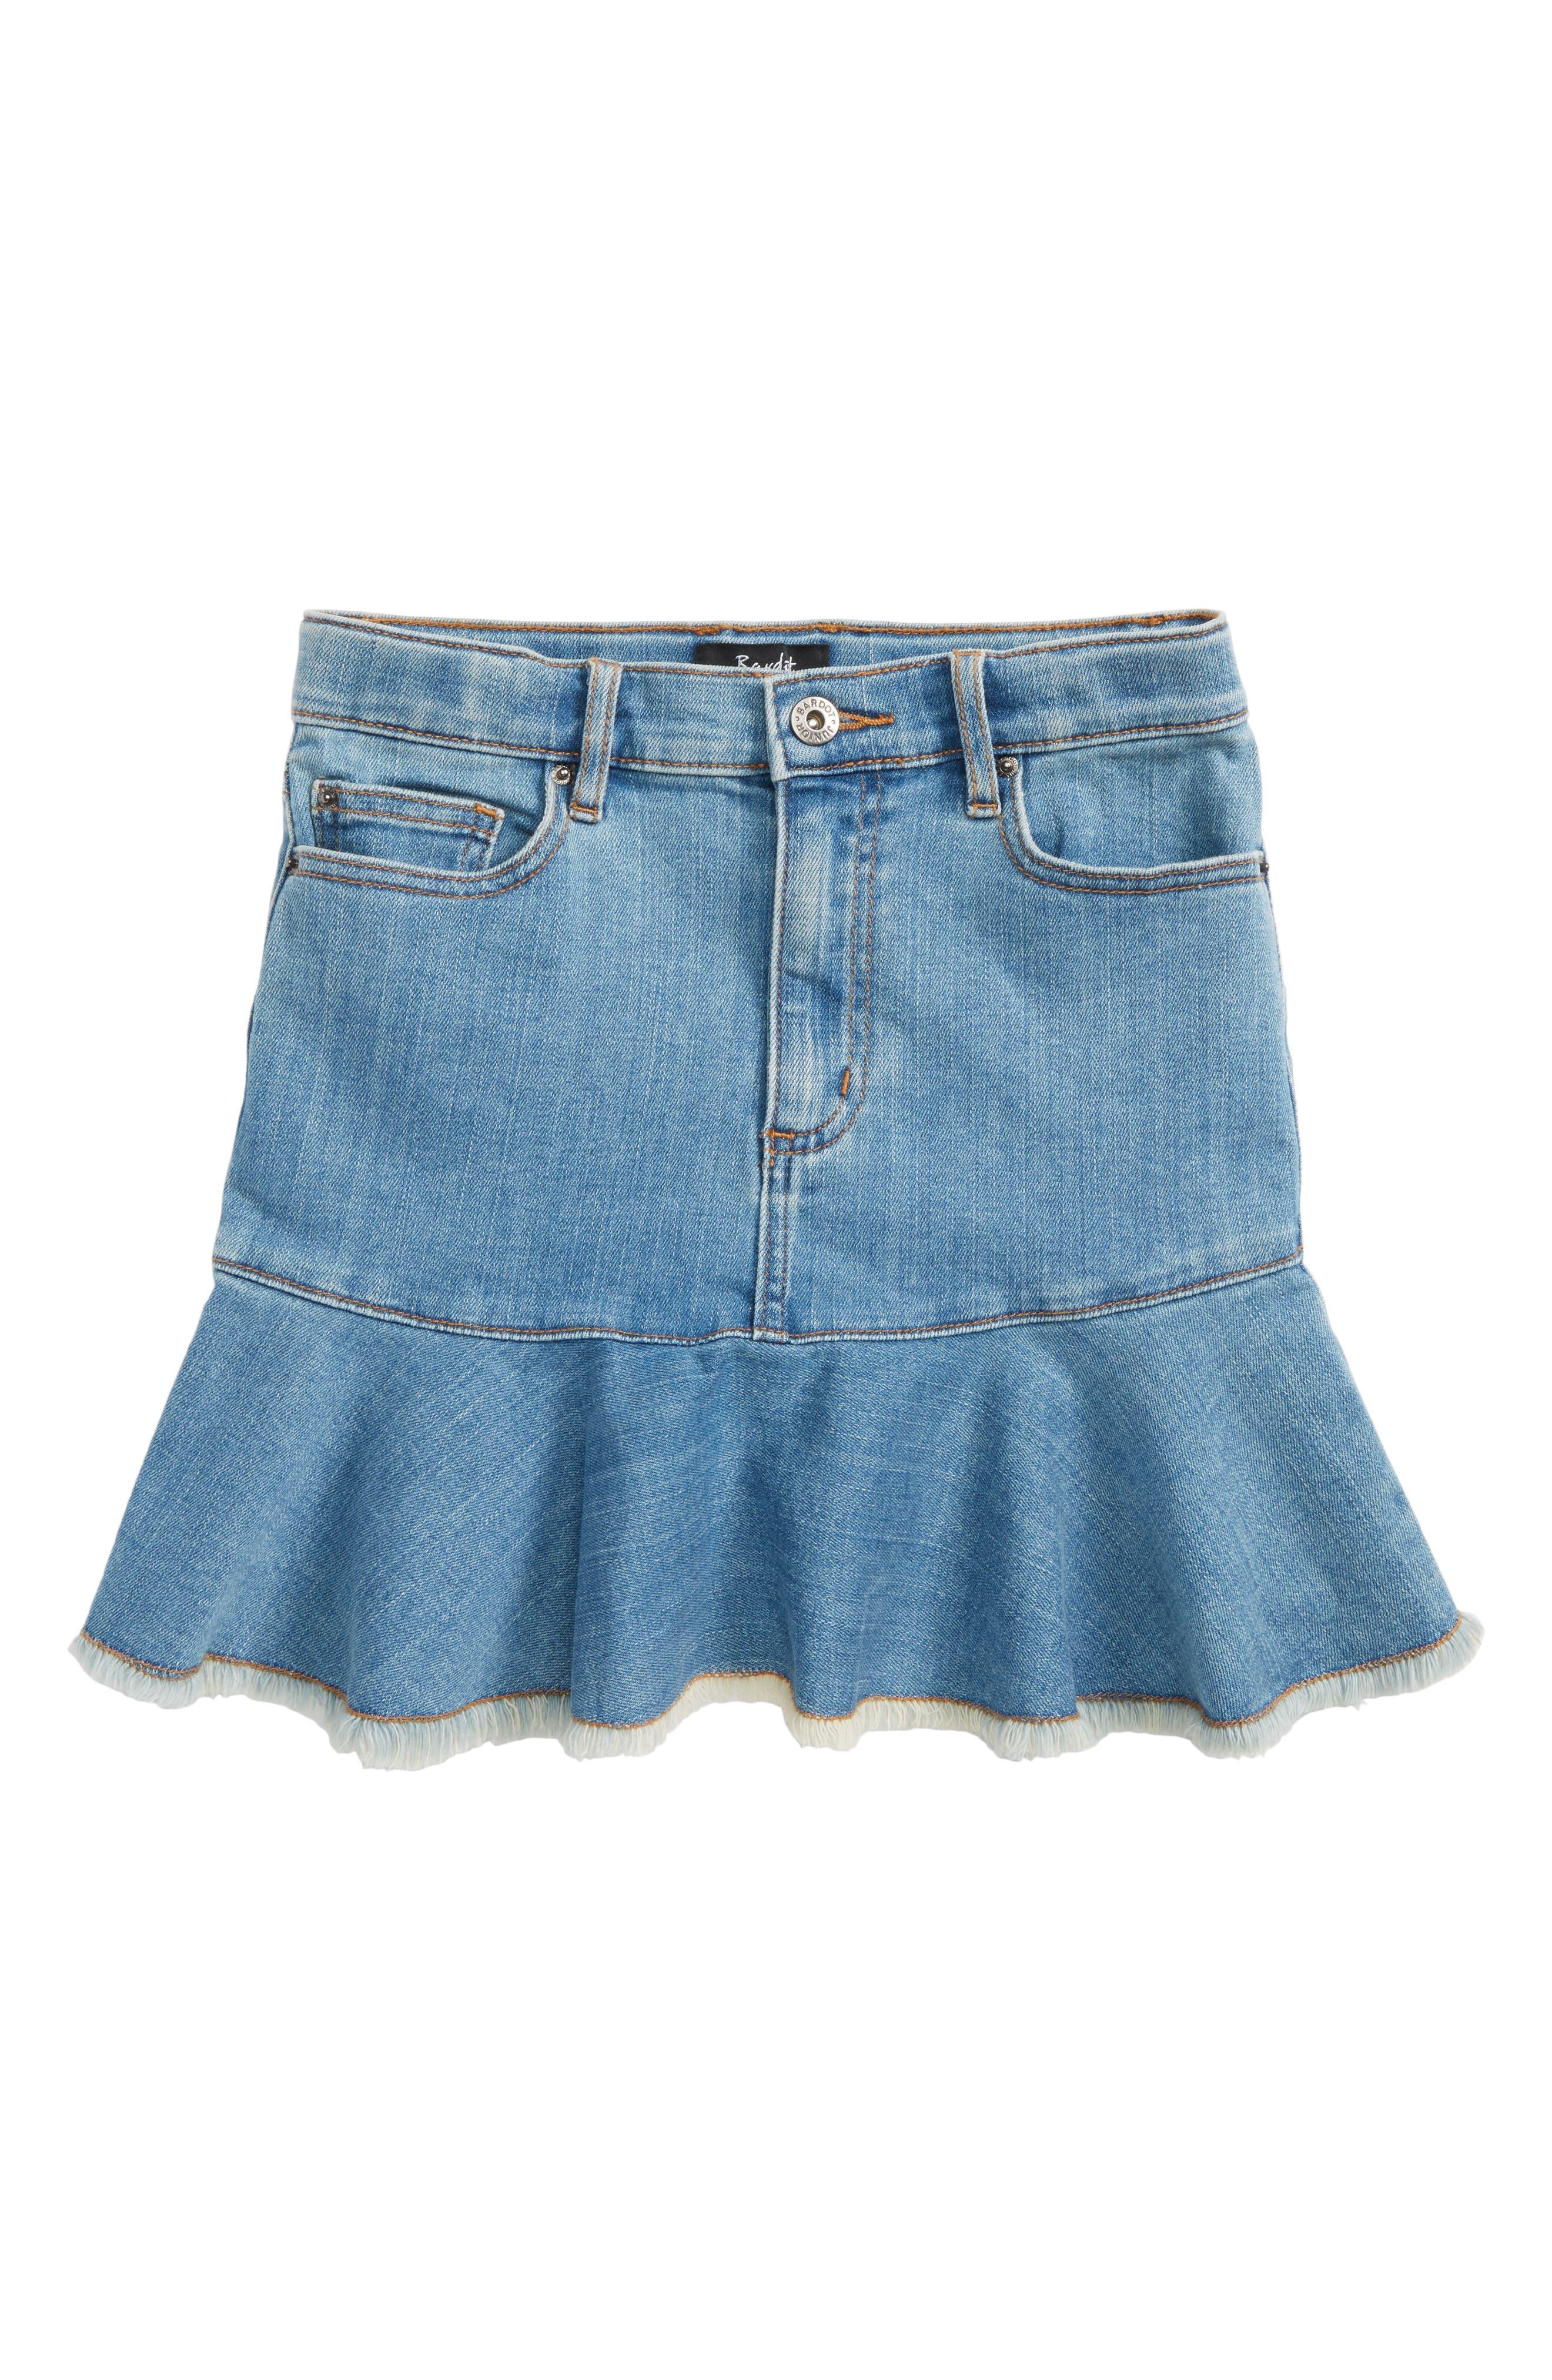 Mia Denim Skirt,                             Main thumbnail 1, color,                             428